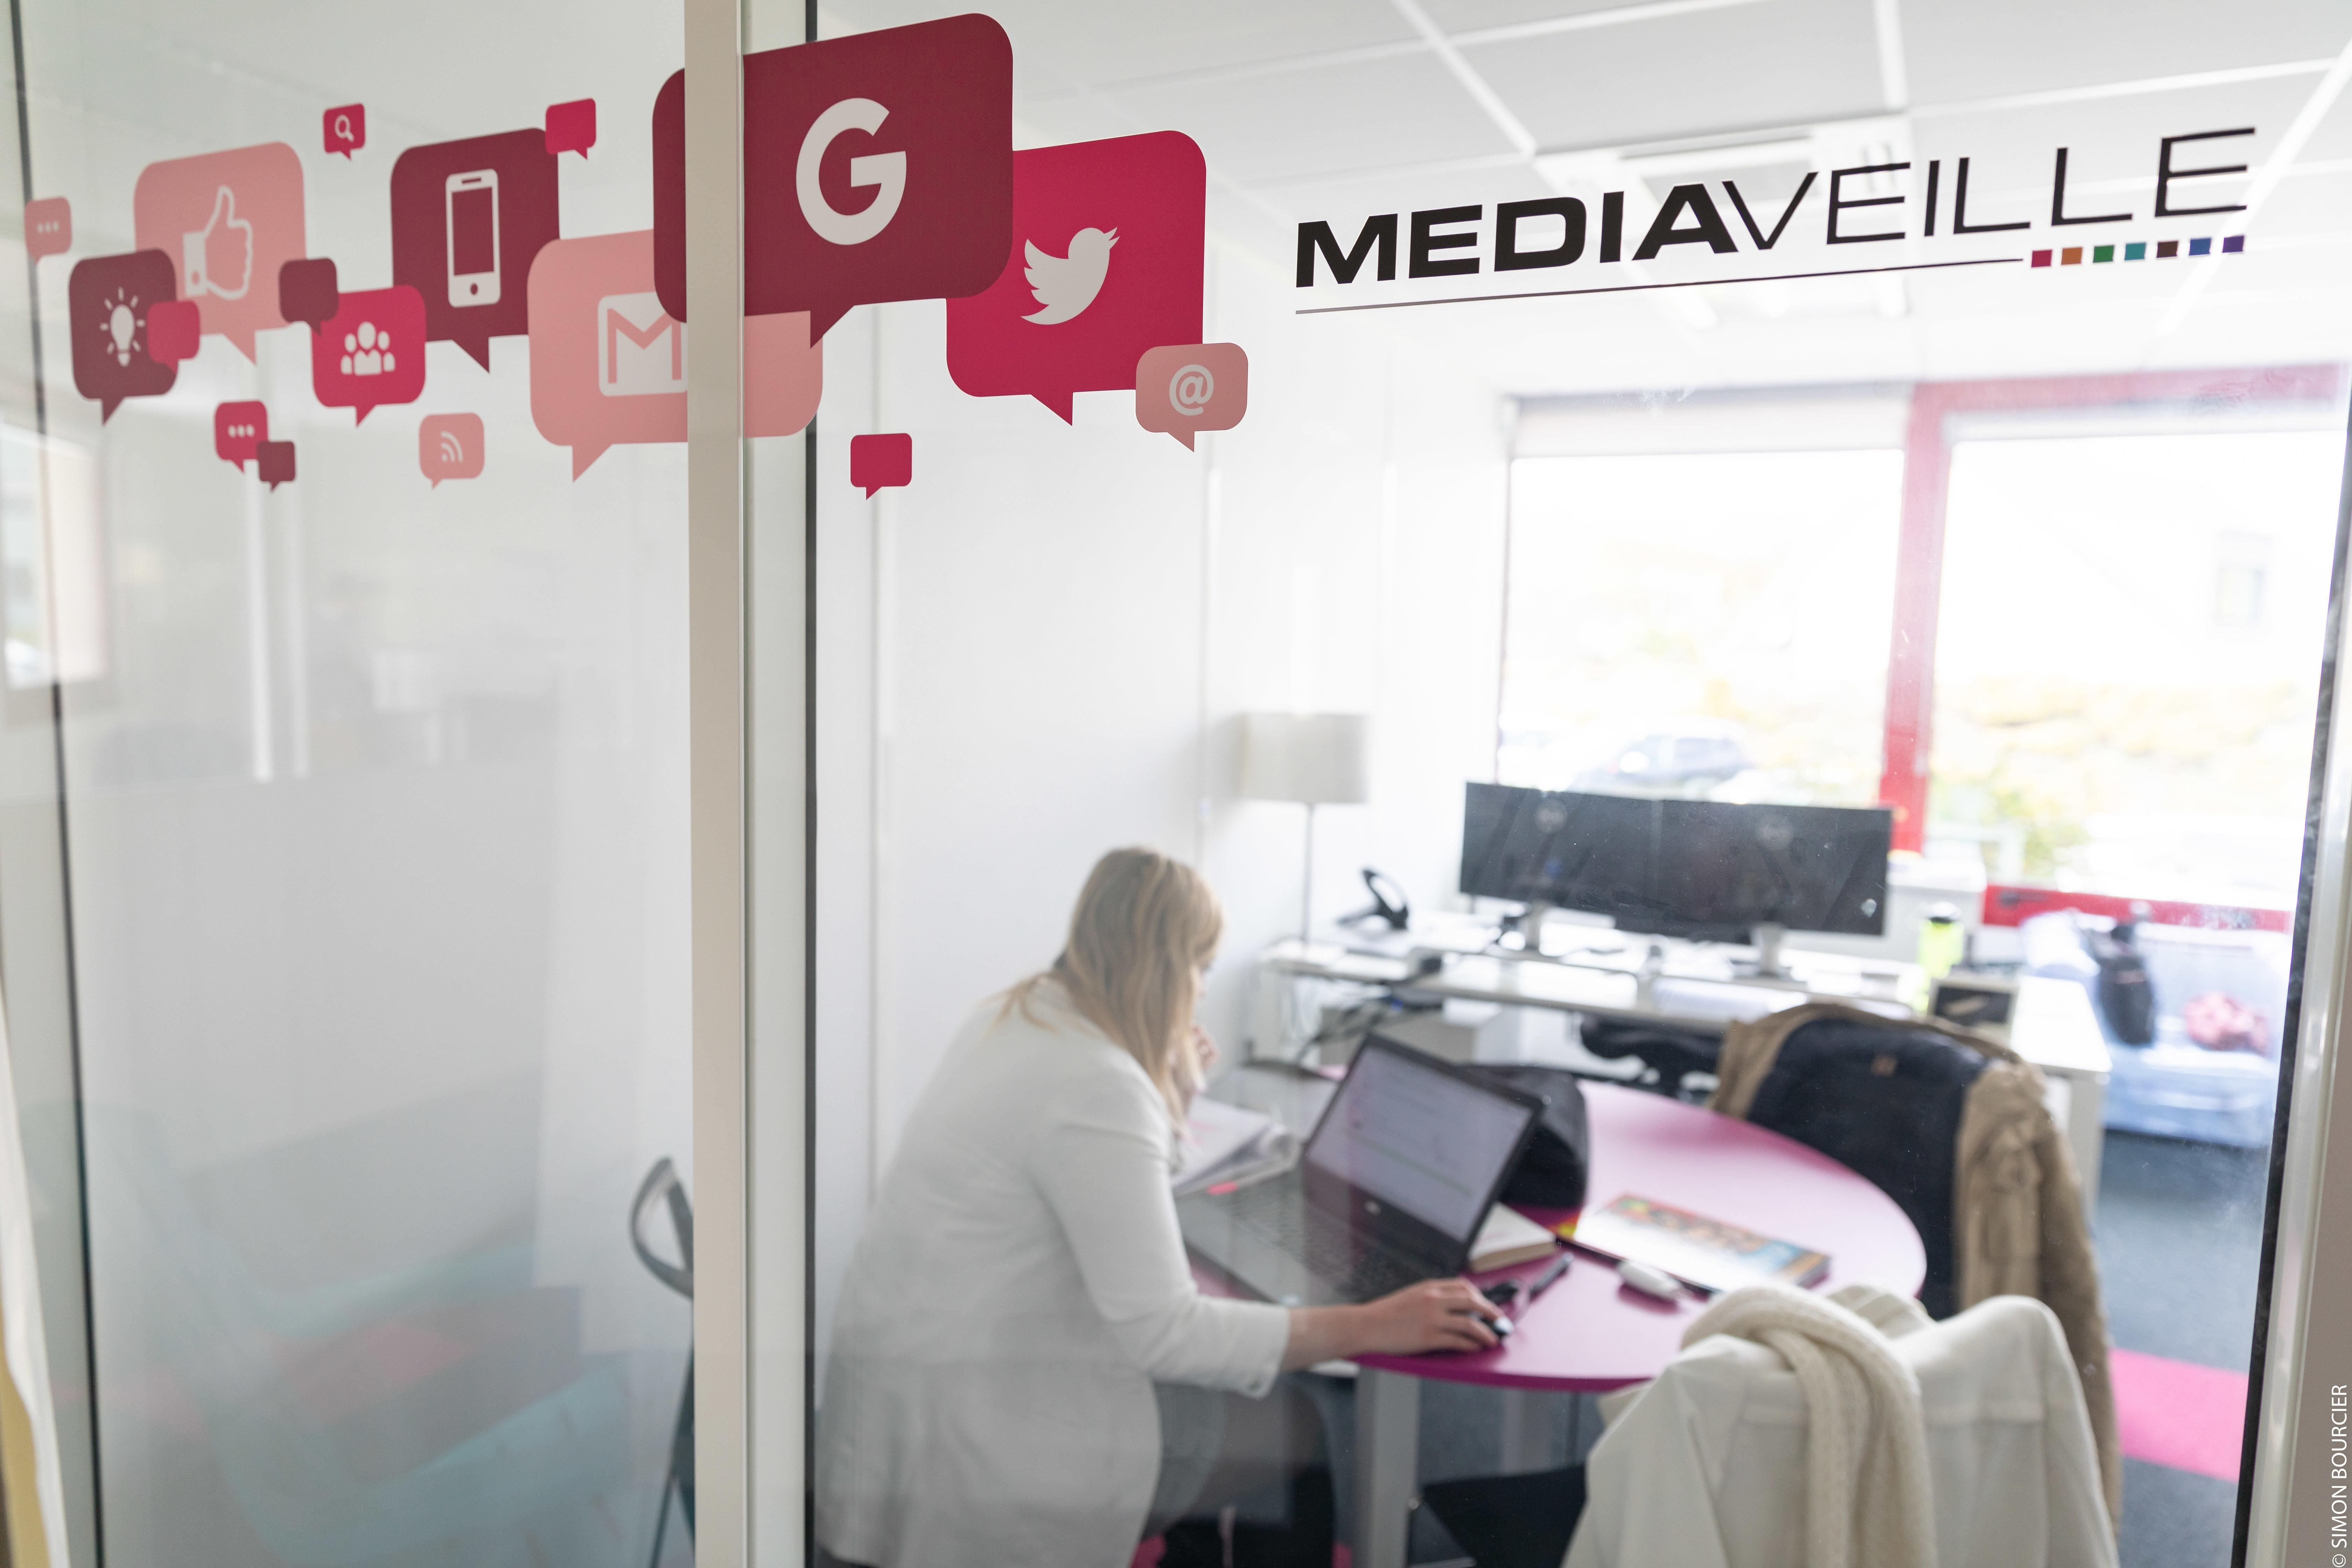 Collaboratrice Mediaveille travaillant dans une salle de réunion